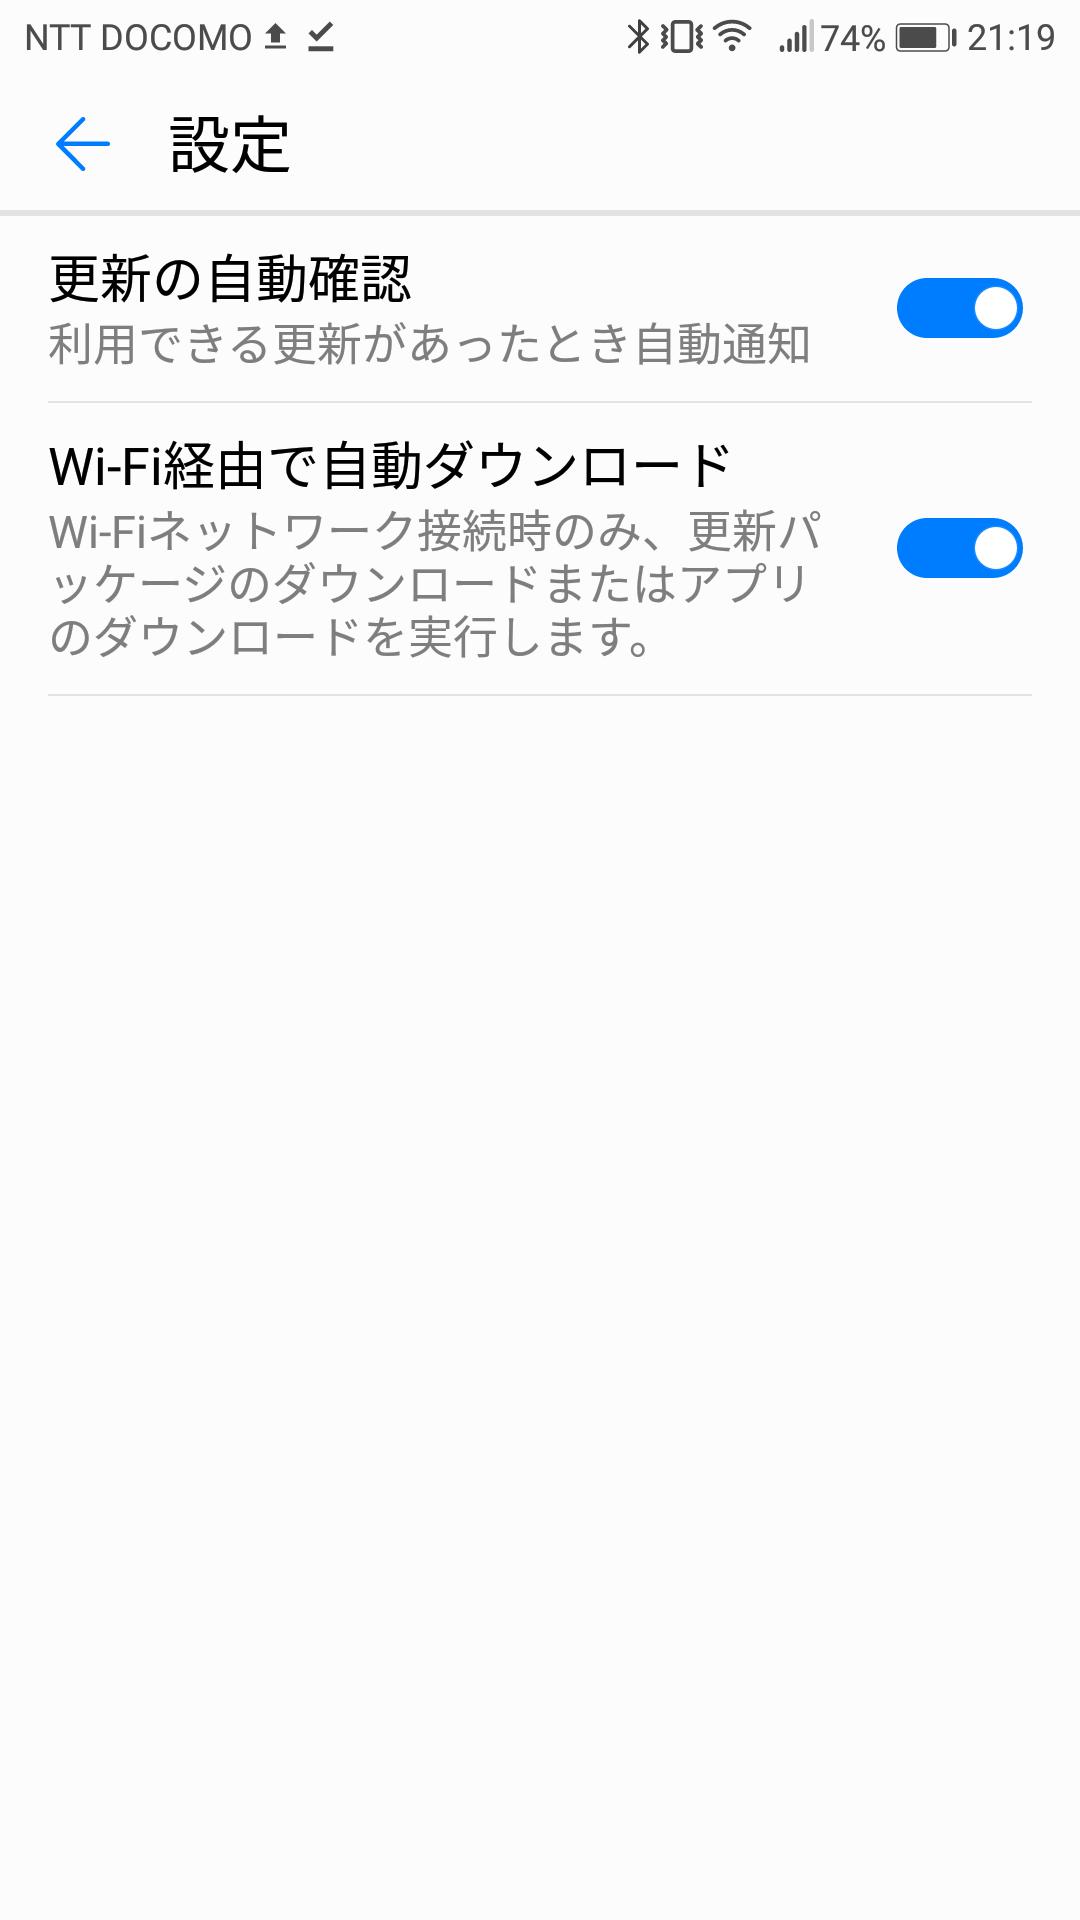 Androidのシステム更新設定は機種によるが、たいていWi-Fi接続時にダウンロードのみさせる設定がある。この画面はHUAWEI EMUIのシステム更新設定